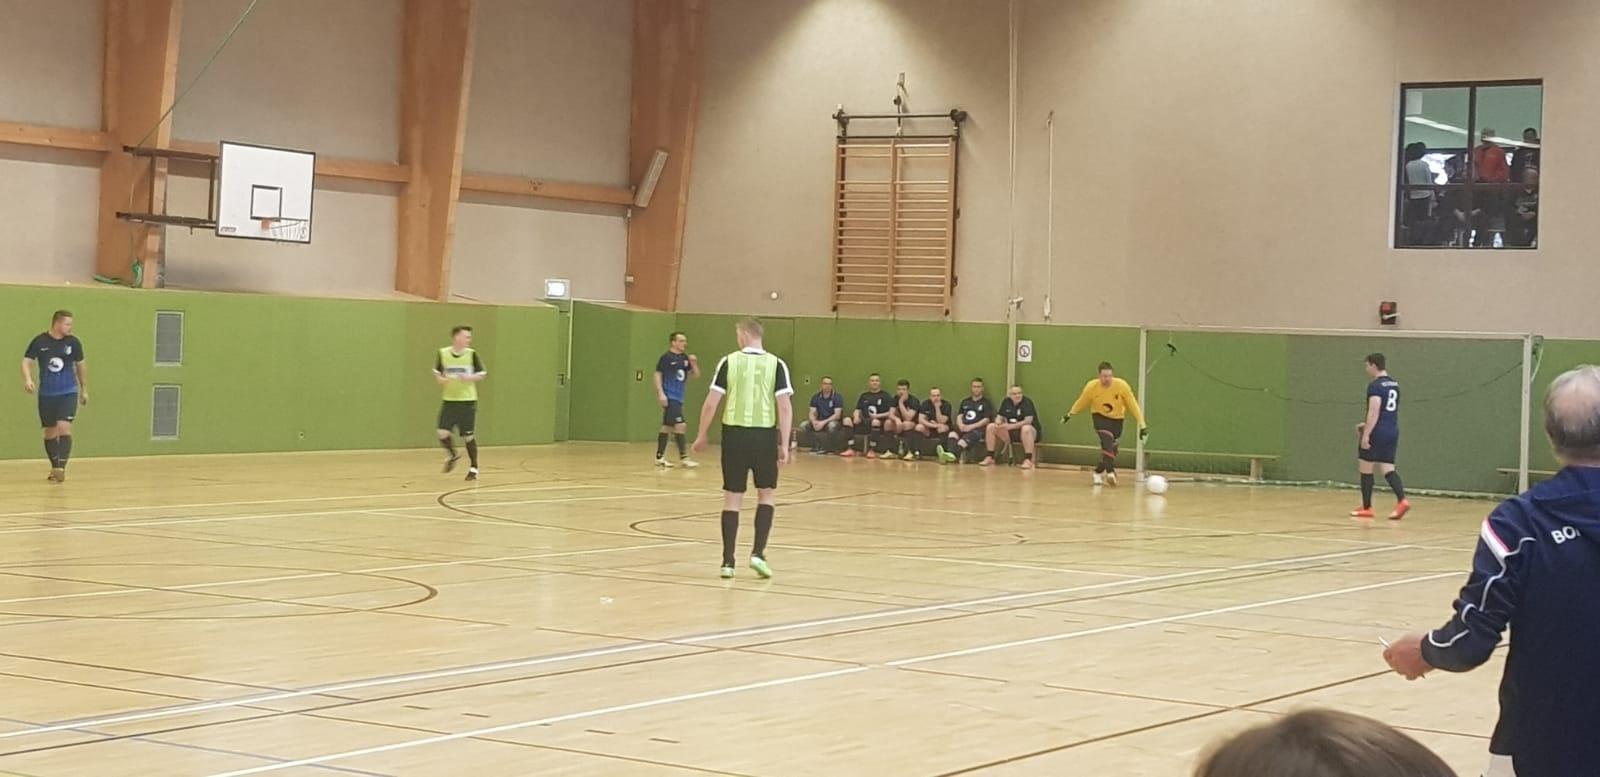 2019-01-12_Fussballturnier in Beelitz 2